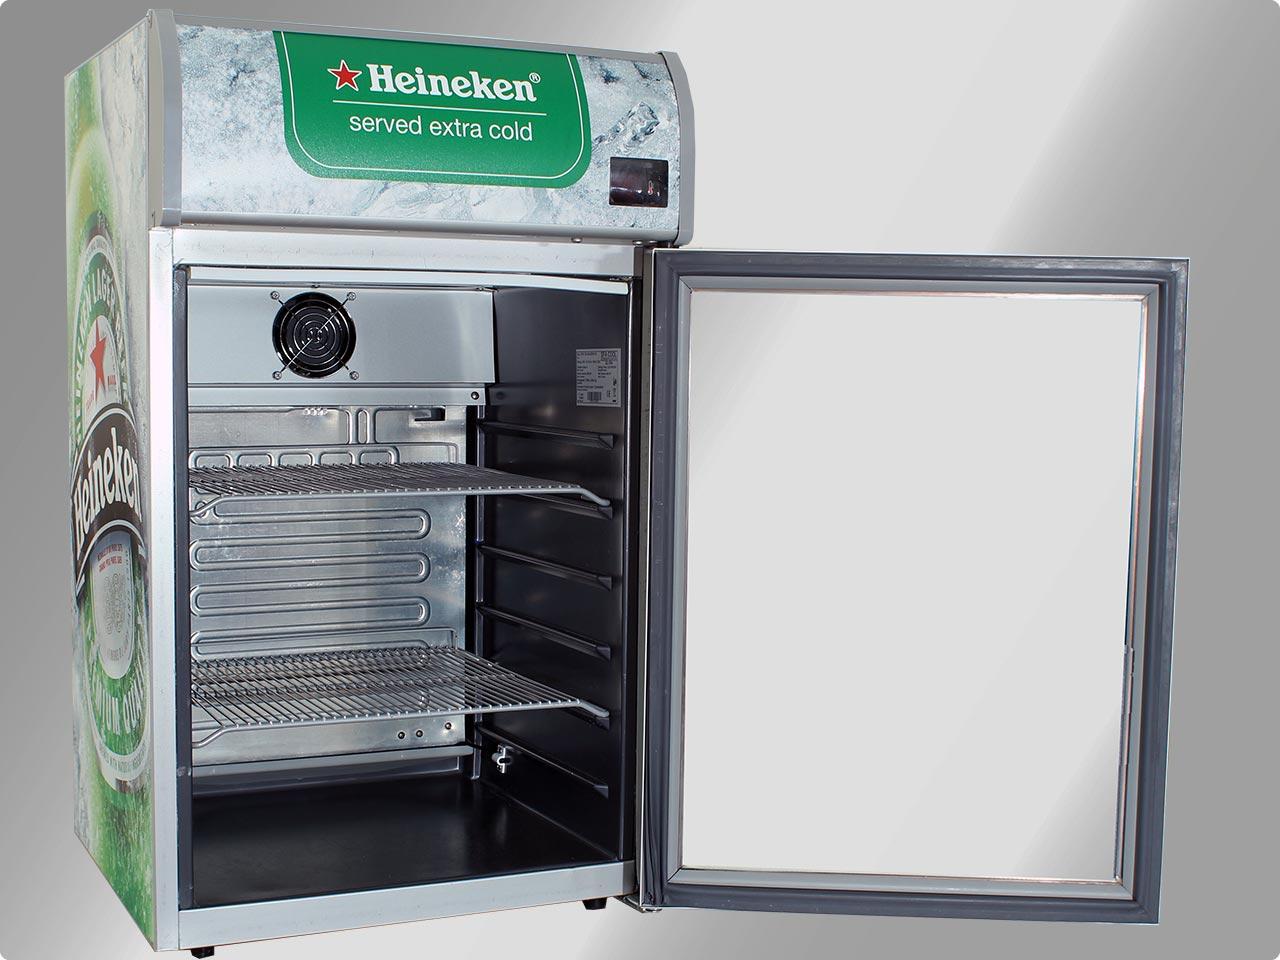 Kleiner Kühlschrank Heineken : Berühmt getränkekühlschrank günstig zeitgenössisch die